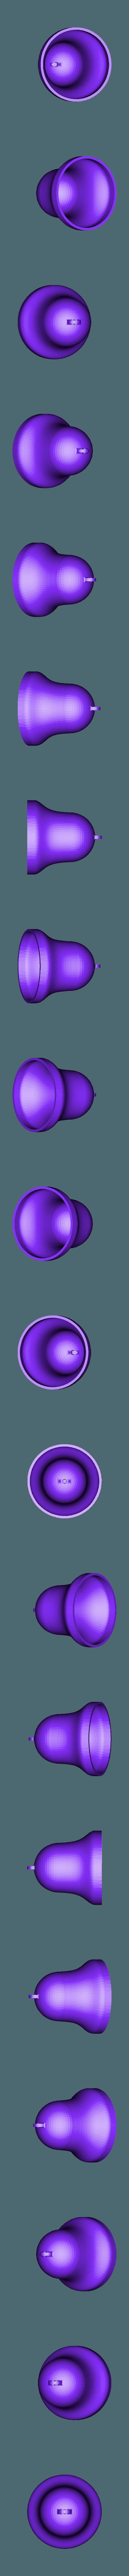 Easy Bell.STL Télécharger fichier STL gratuit Facile à imprimer Bell • Plan à imprimer en 3D, jancikoas15